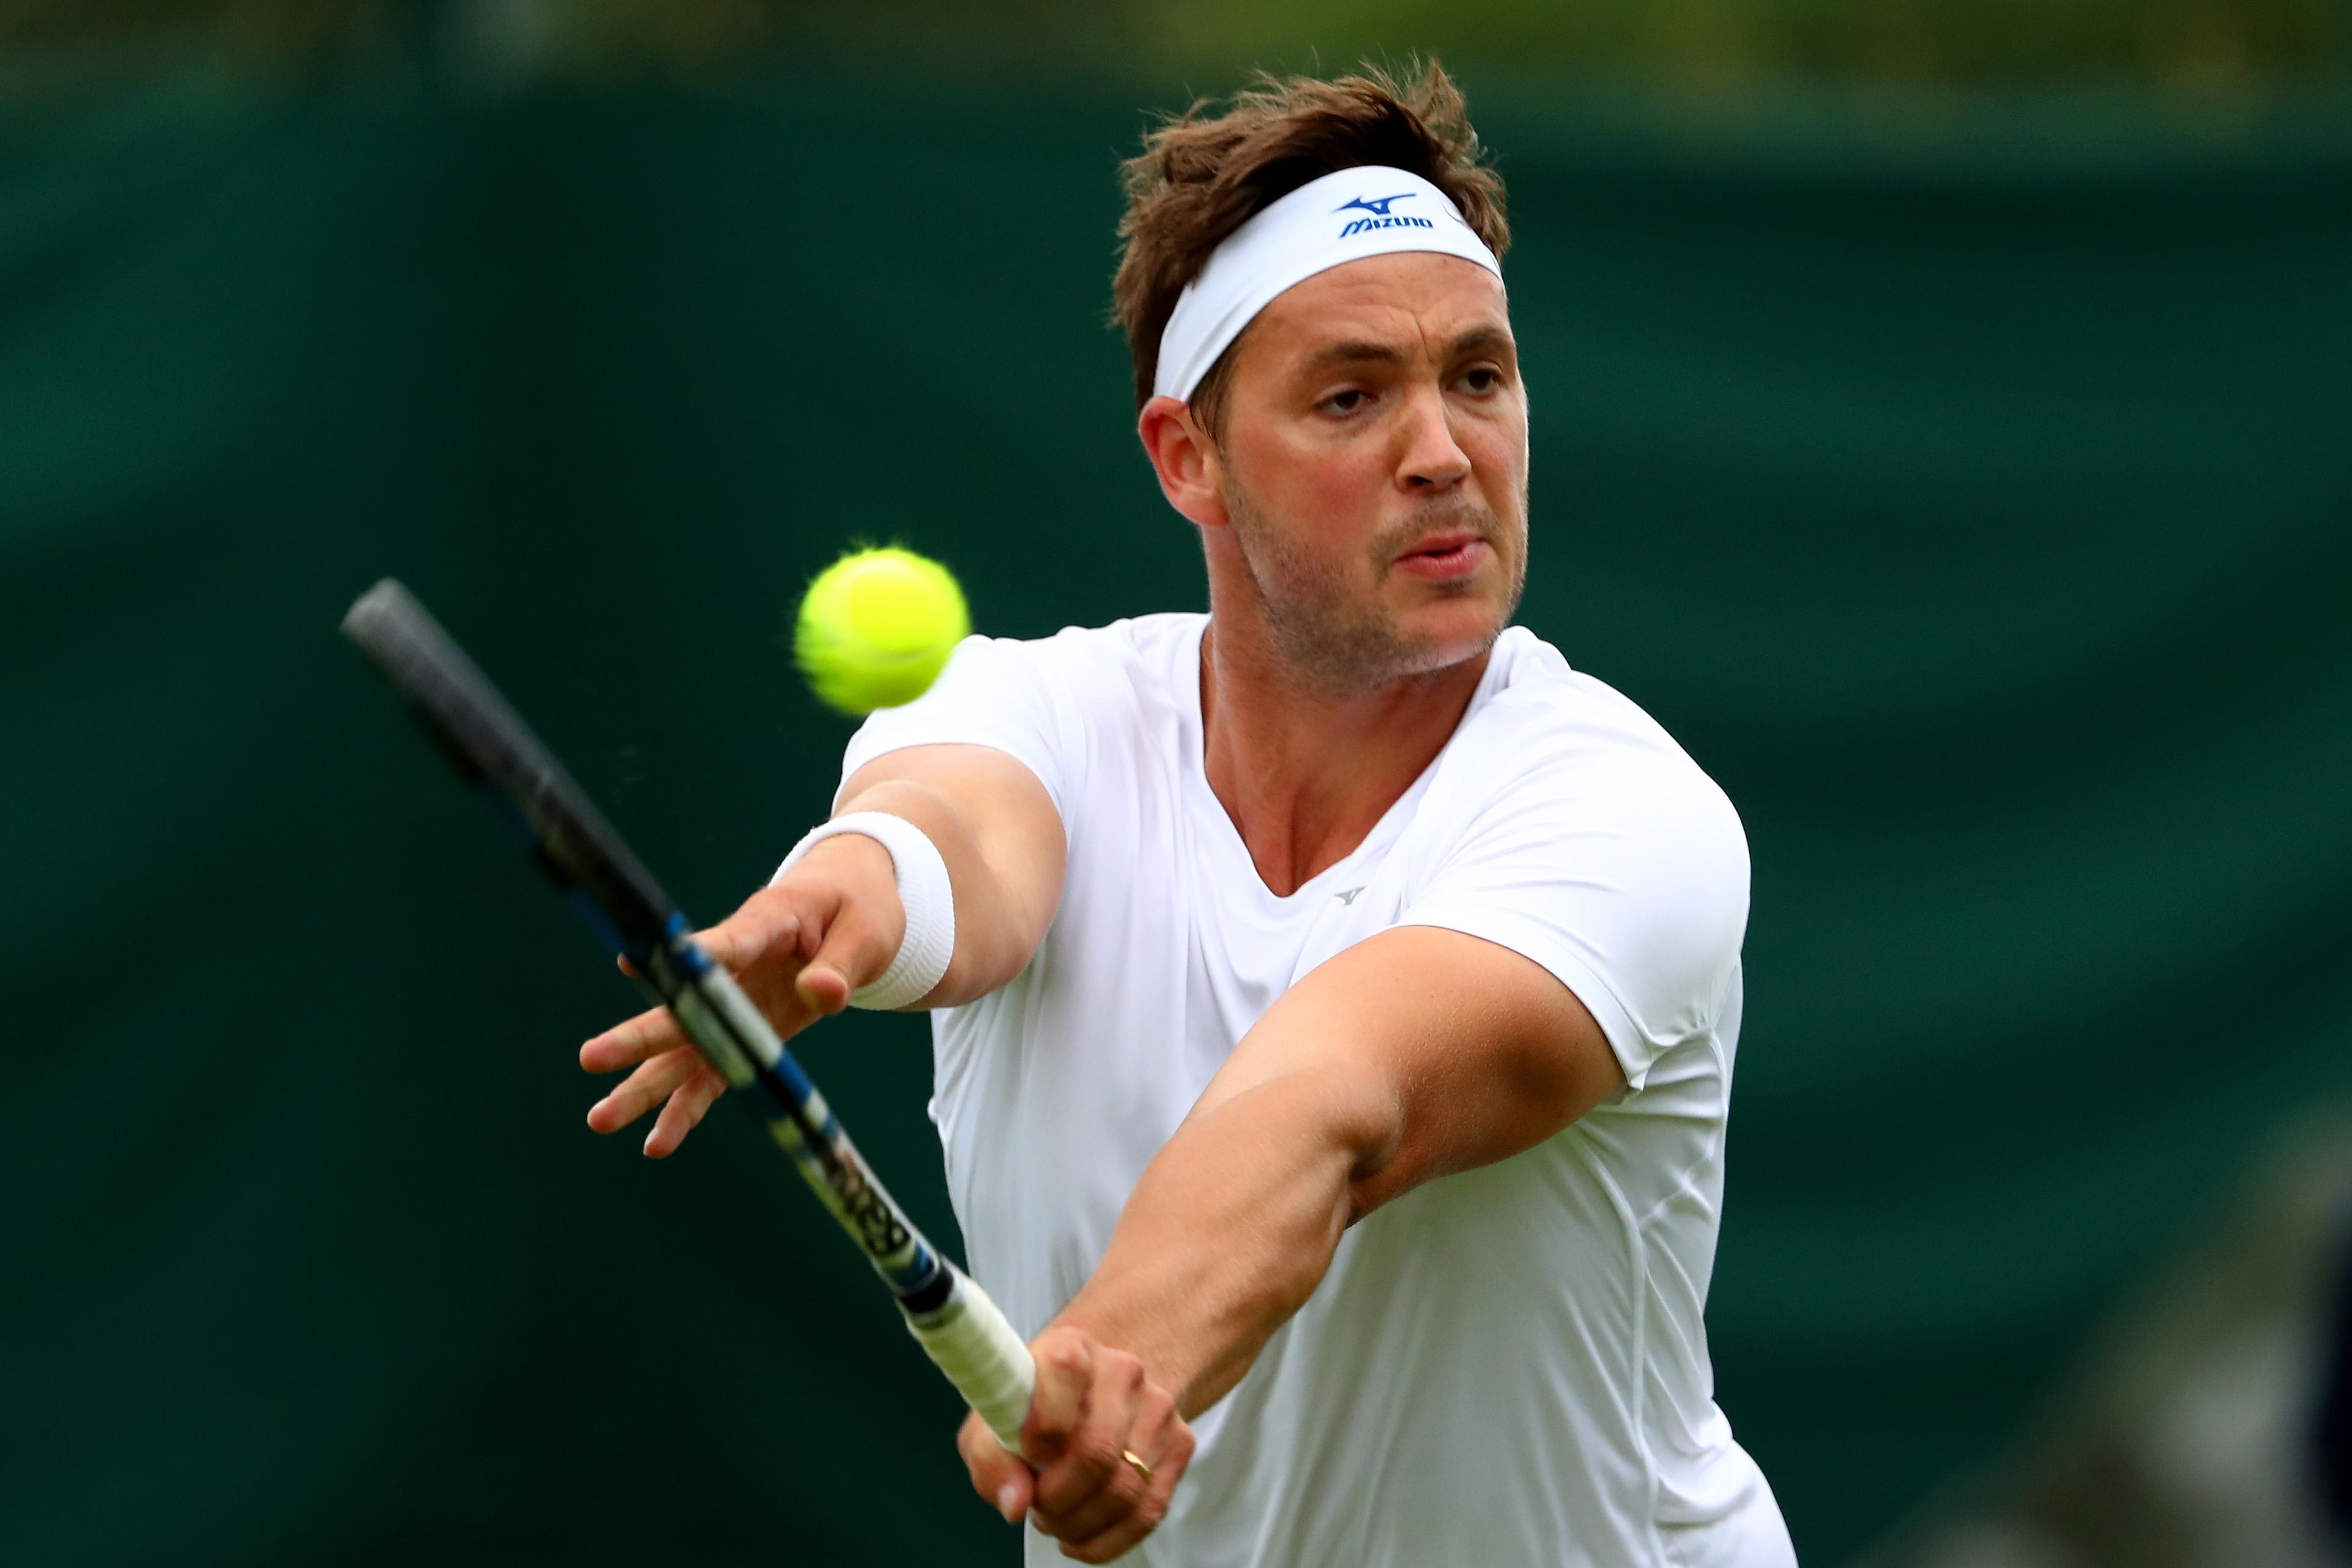 Der Brite Marcus Willis zog im vergangenene Jahr überraschen in die Hauptrunde für Wimbledon ein. In diesem Jahr scheiterte er in der letzten Qualirunde am Ukrainer Illya Marchenko.